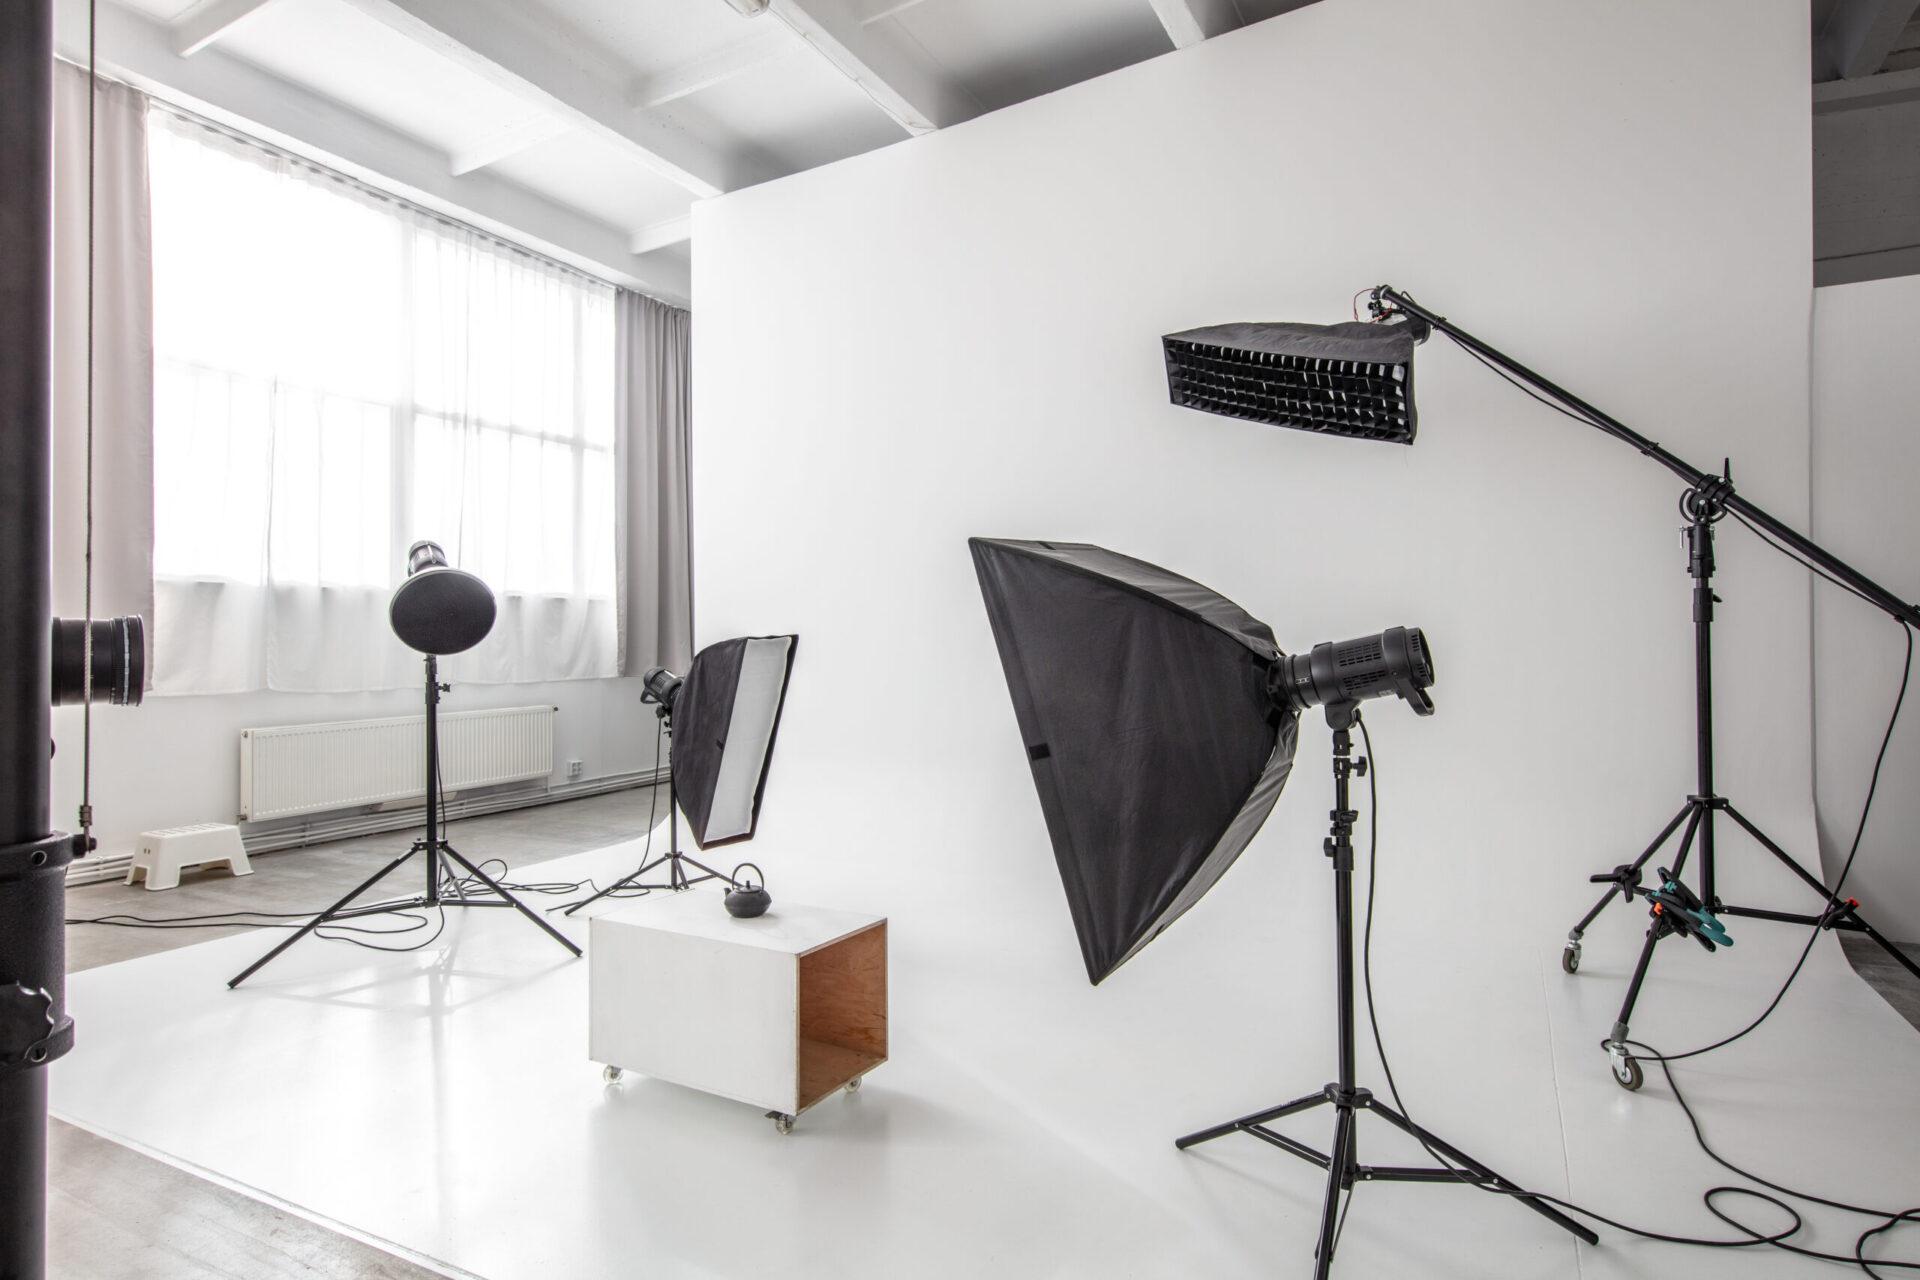 Fotografie für Mensch und Produkt